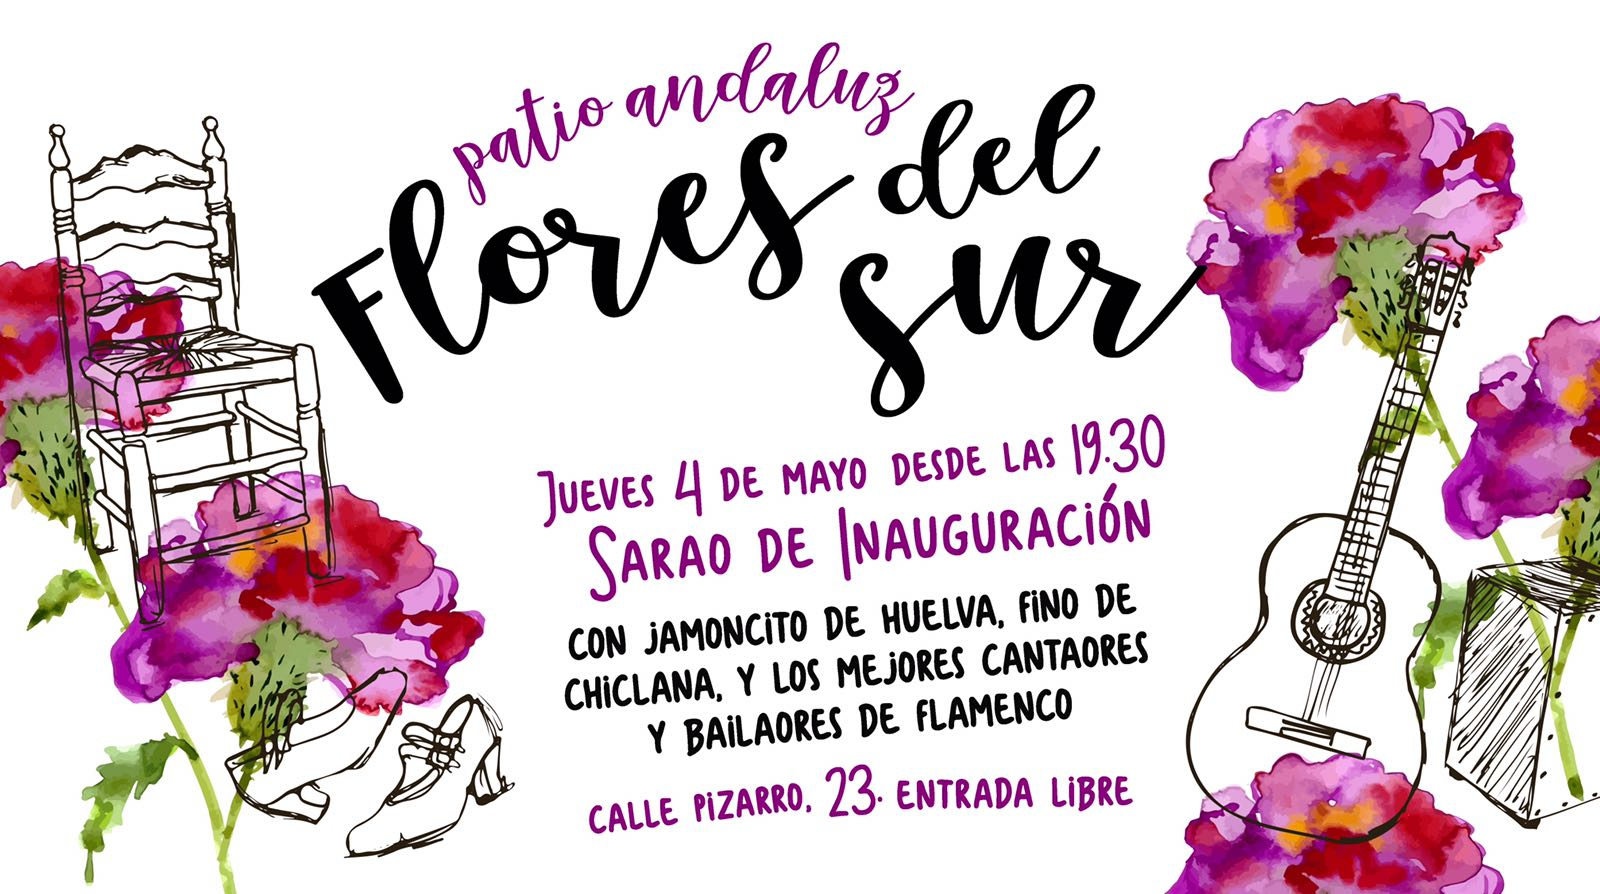 Valencia Flores del Sur, iniziativa gastronomica di ispirazione andalusa